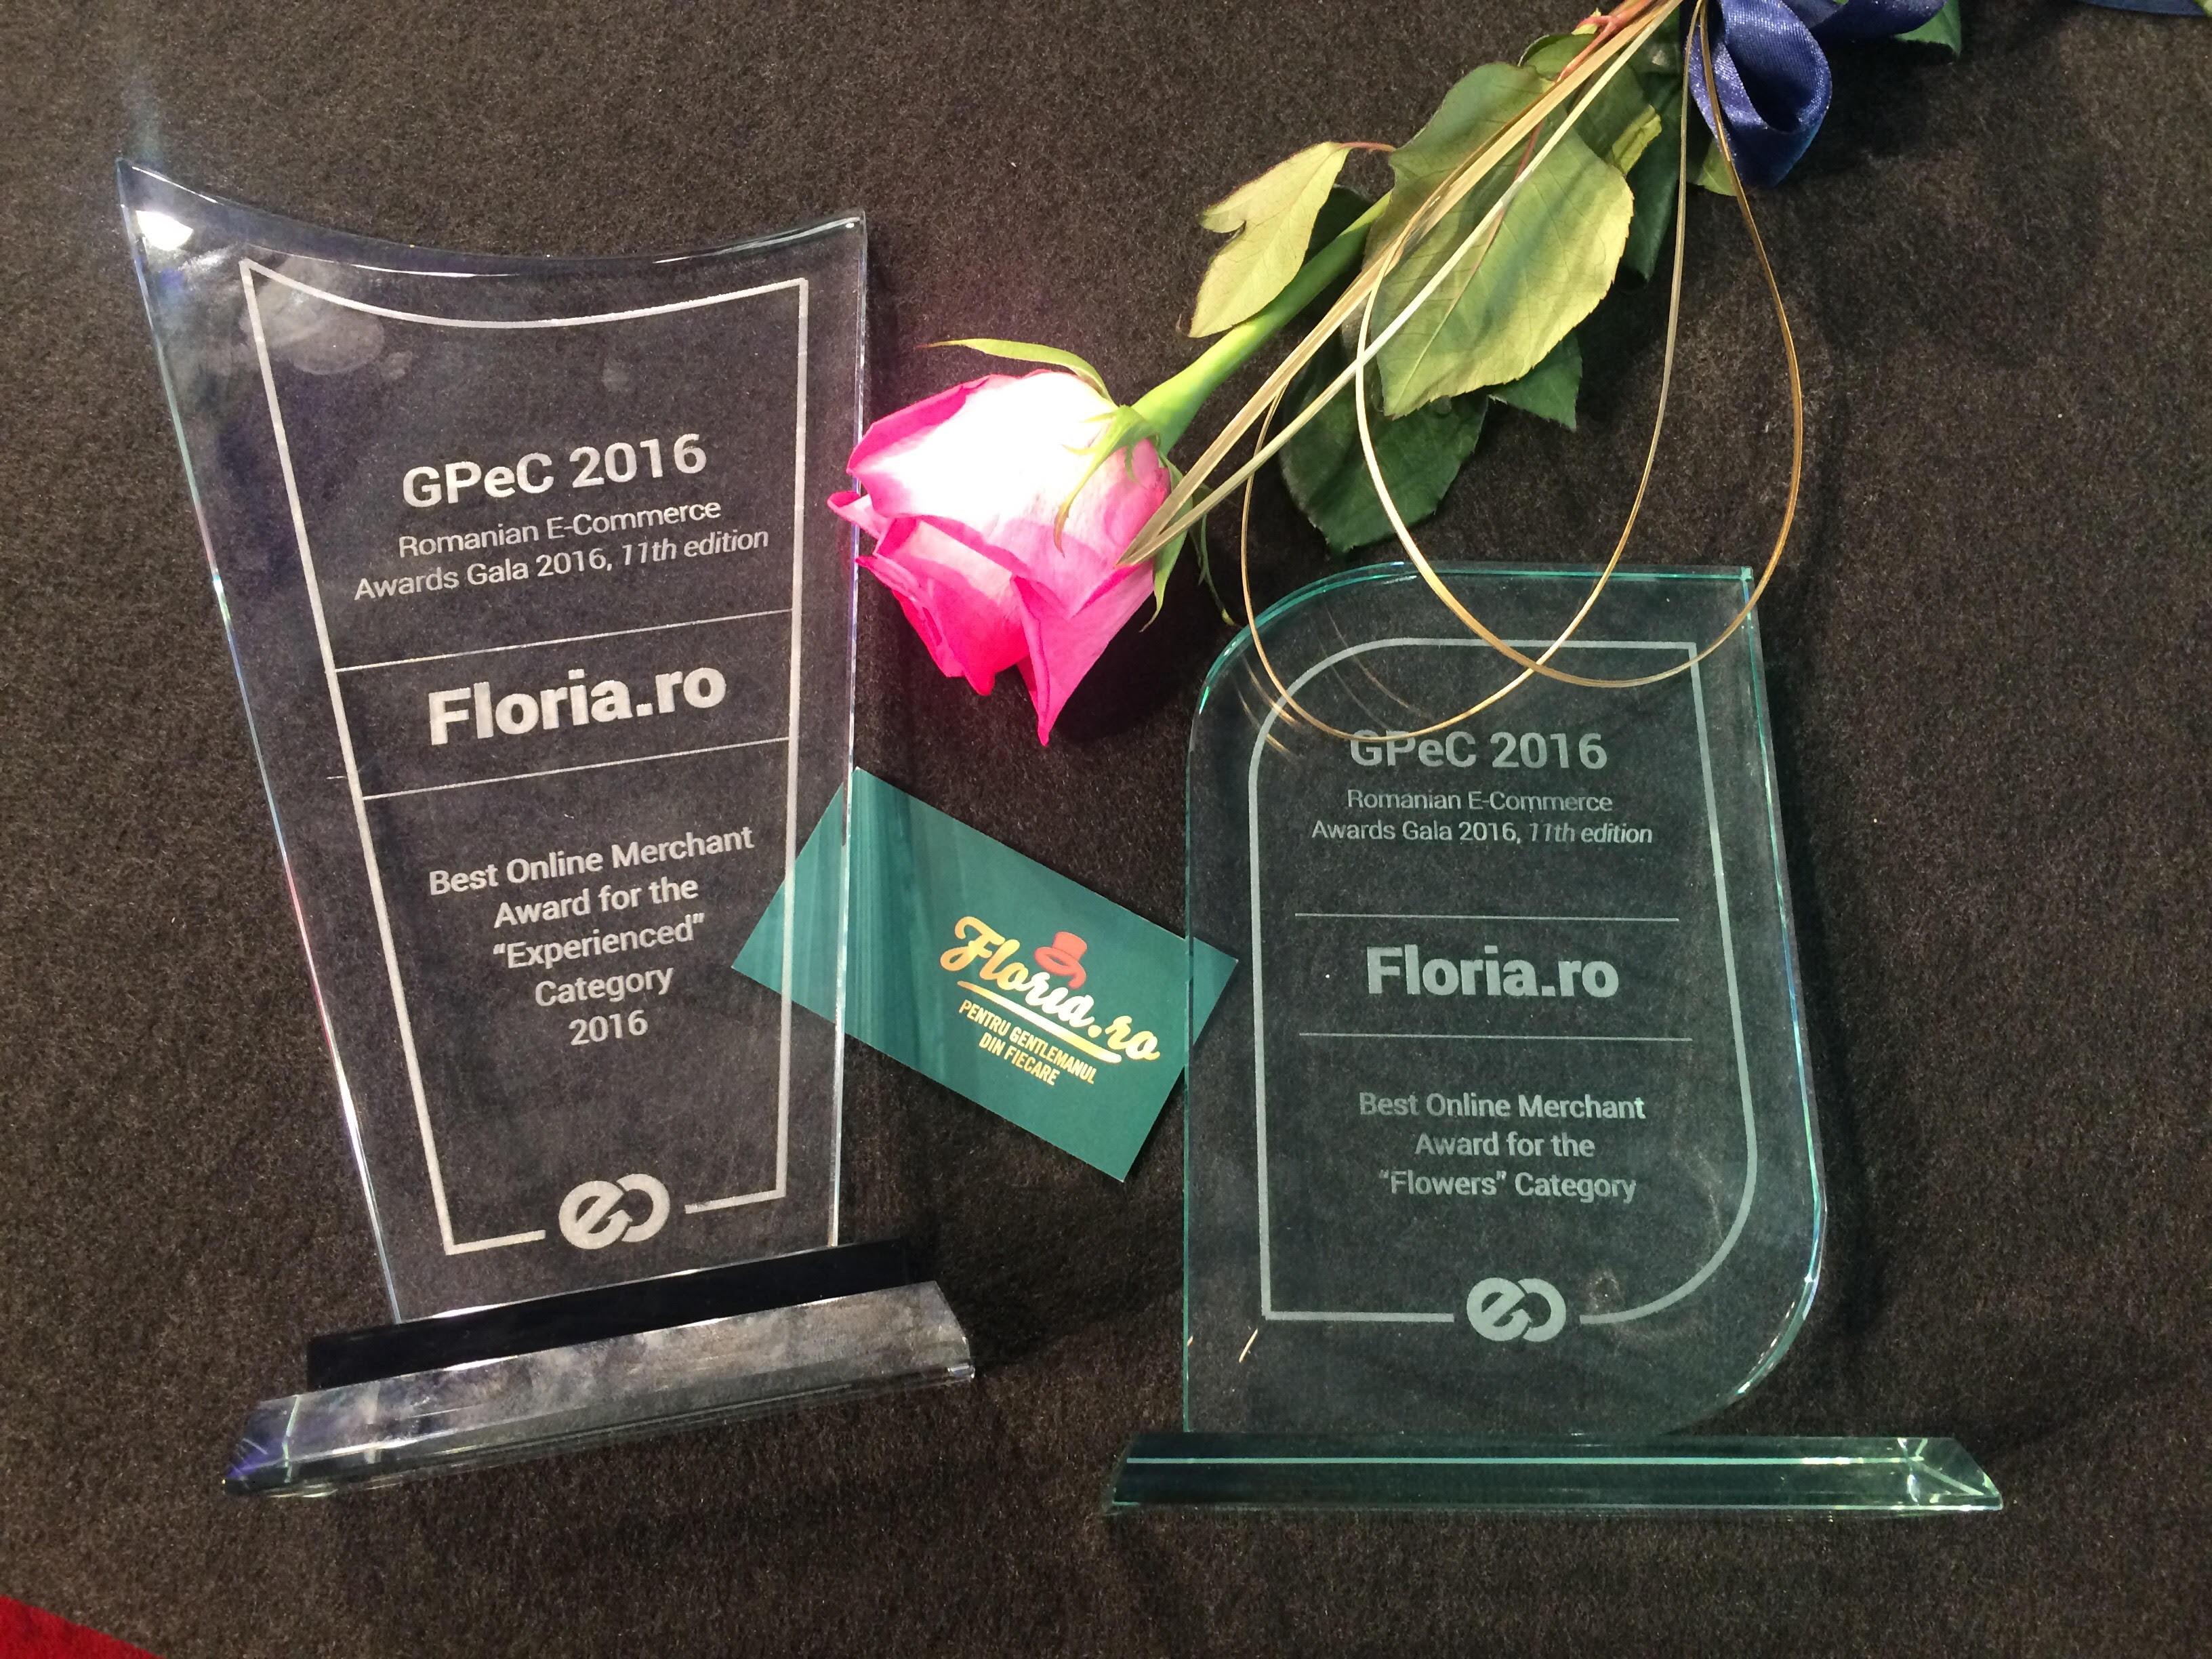 """Floria.ro – Best experienced si Best """"Flowers"""" la GPeC"""